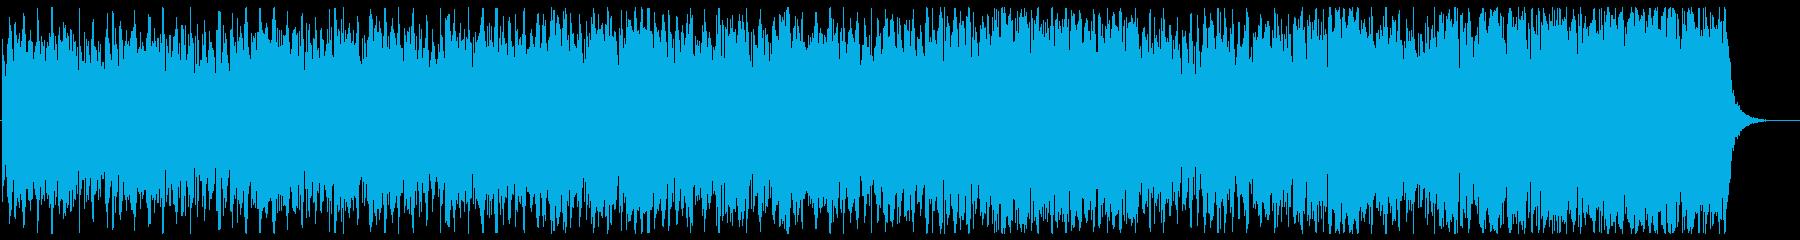 大人の雰囲気あるなめらかなメロディーの再生済みの波形